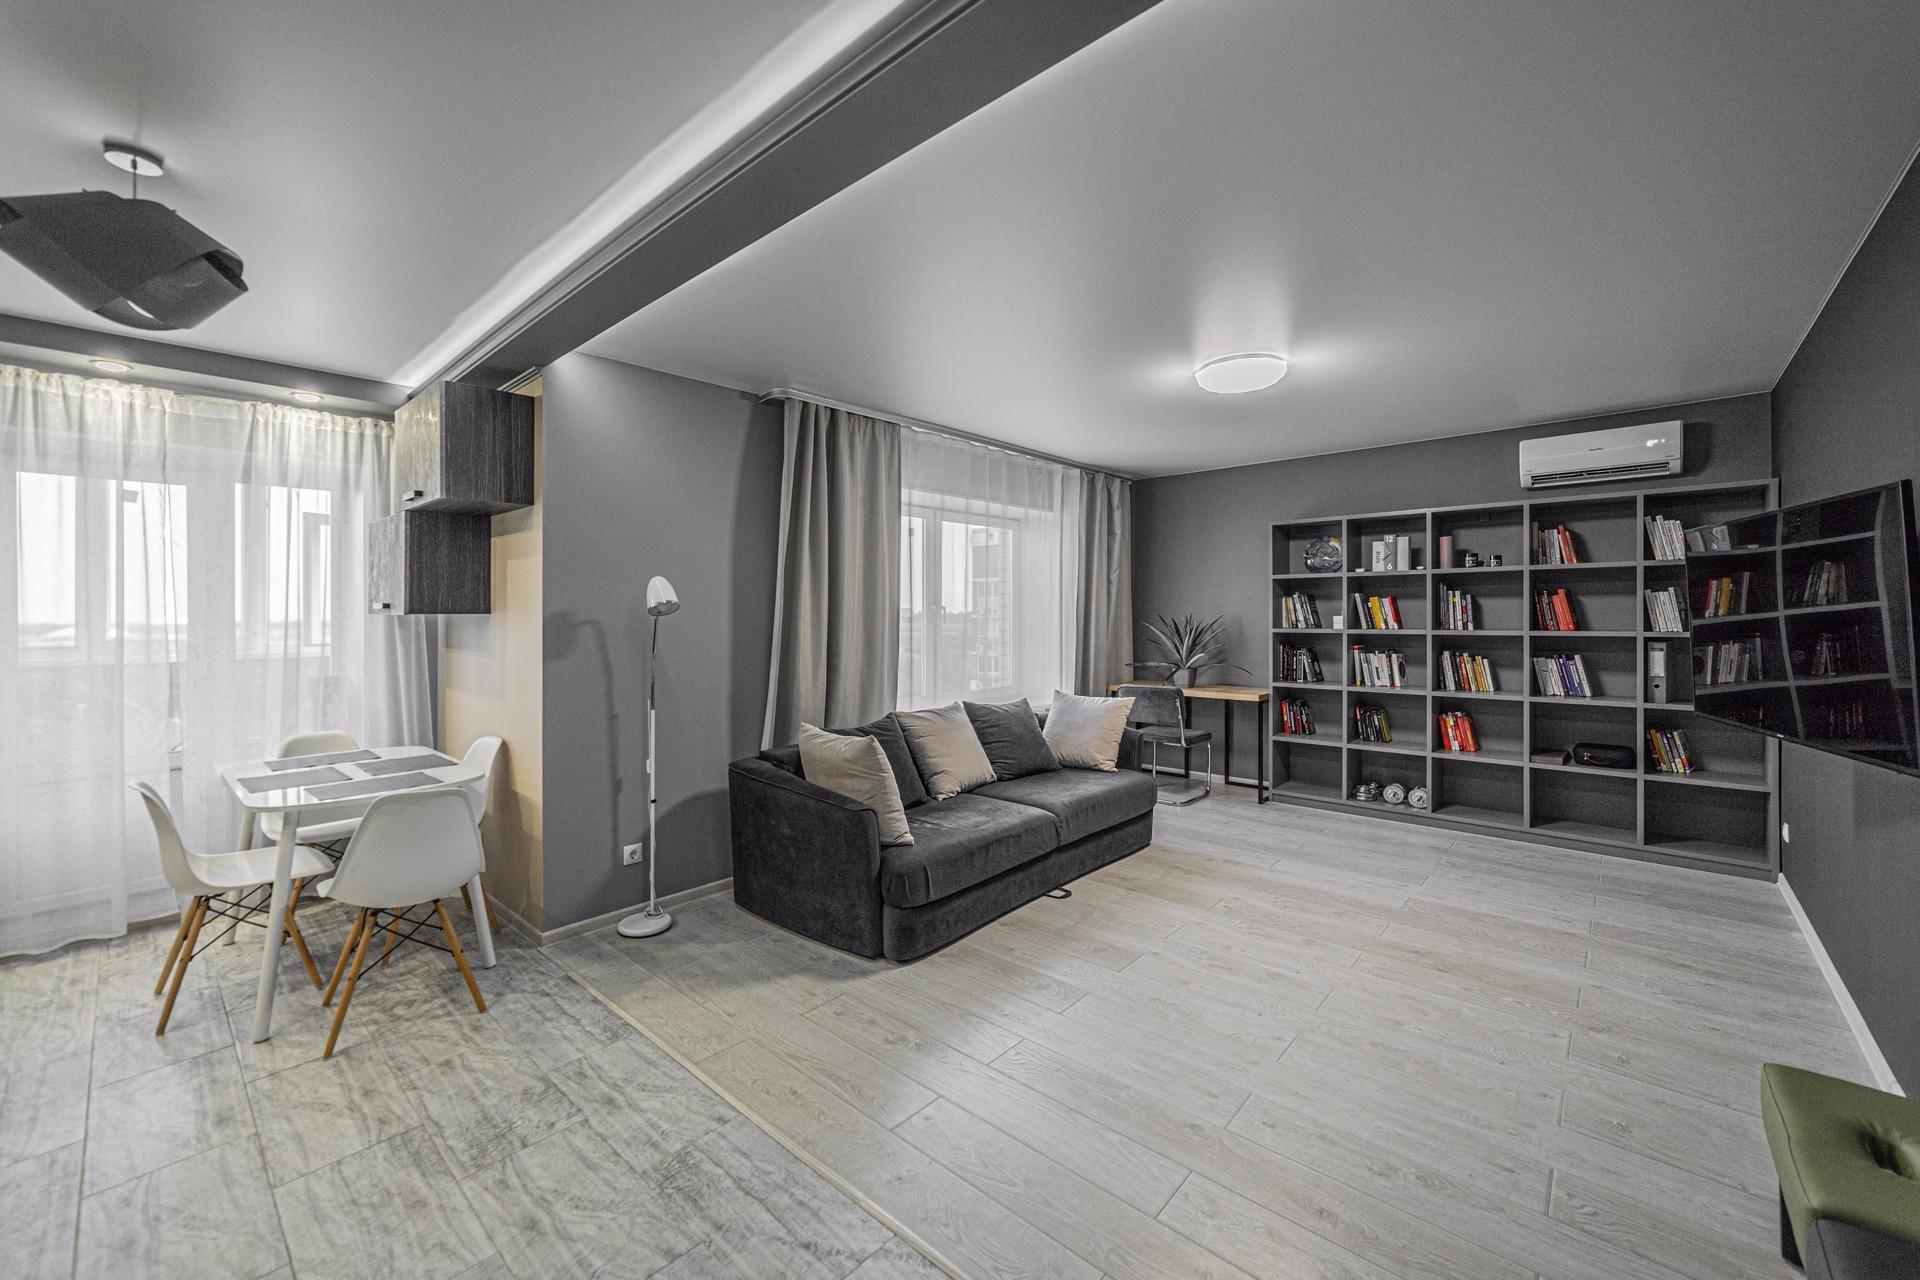 Продажа 2-к квартиры, Липецк, улица Хренникова, 4, 58.8 м², 4750000 ₽